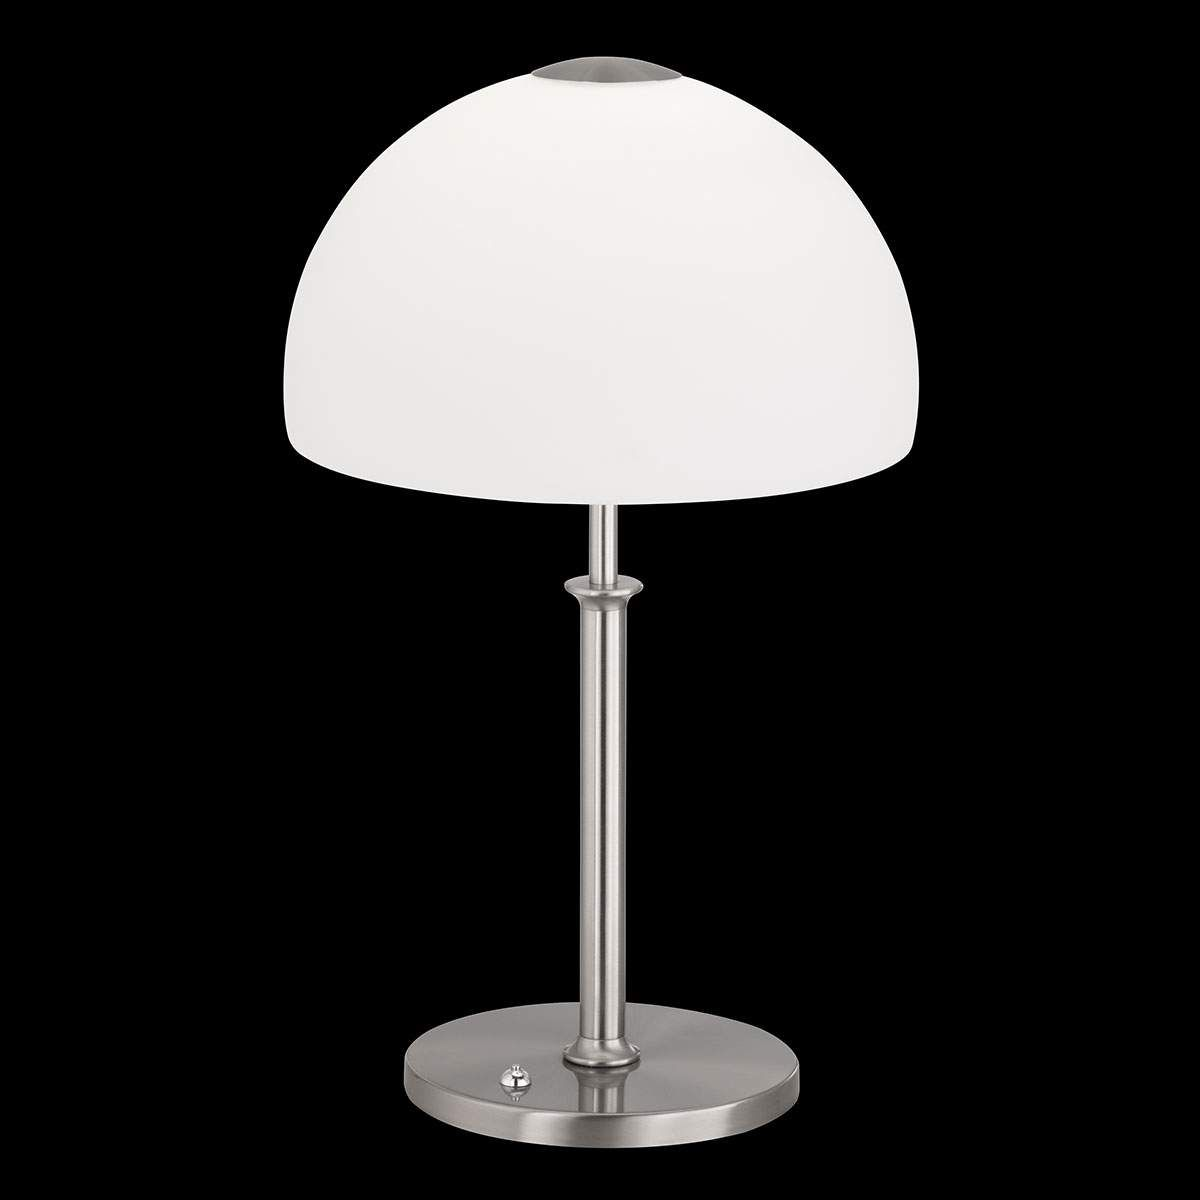 Dimmbare Led Tischleuchte Shine Mit Glasschirm Led Tischleuchte